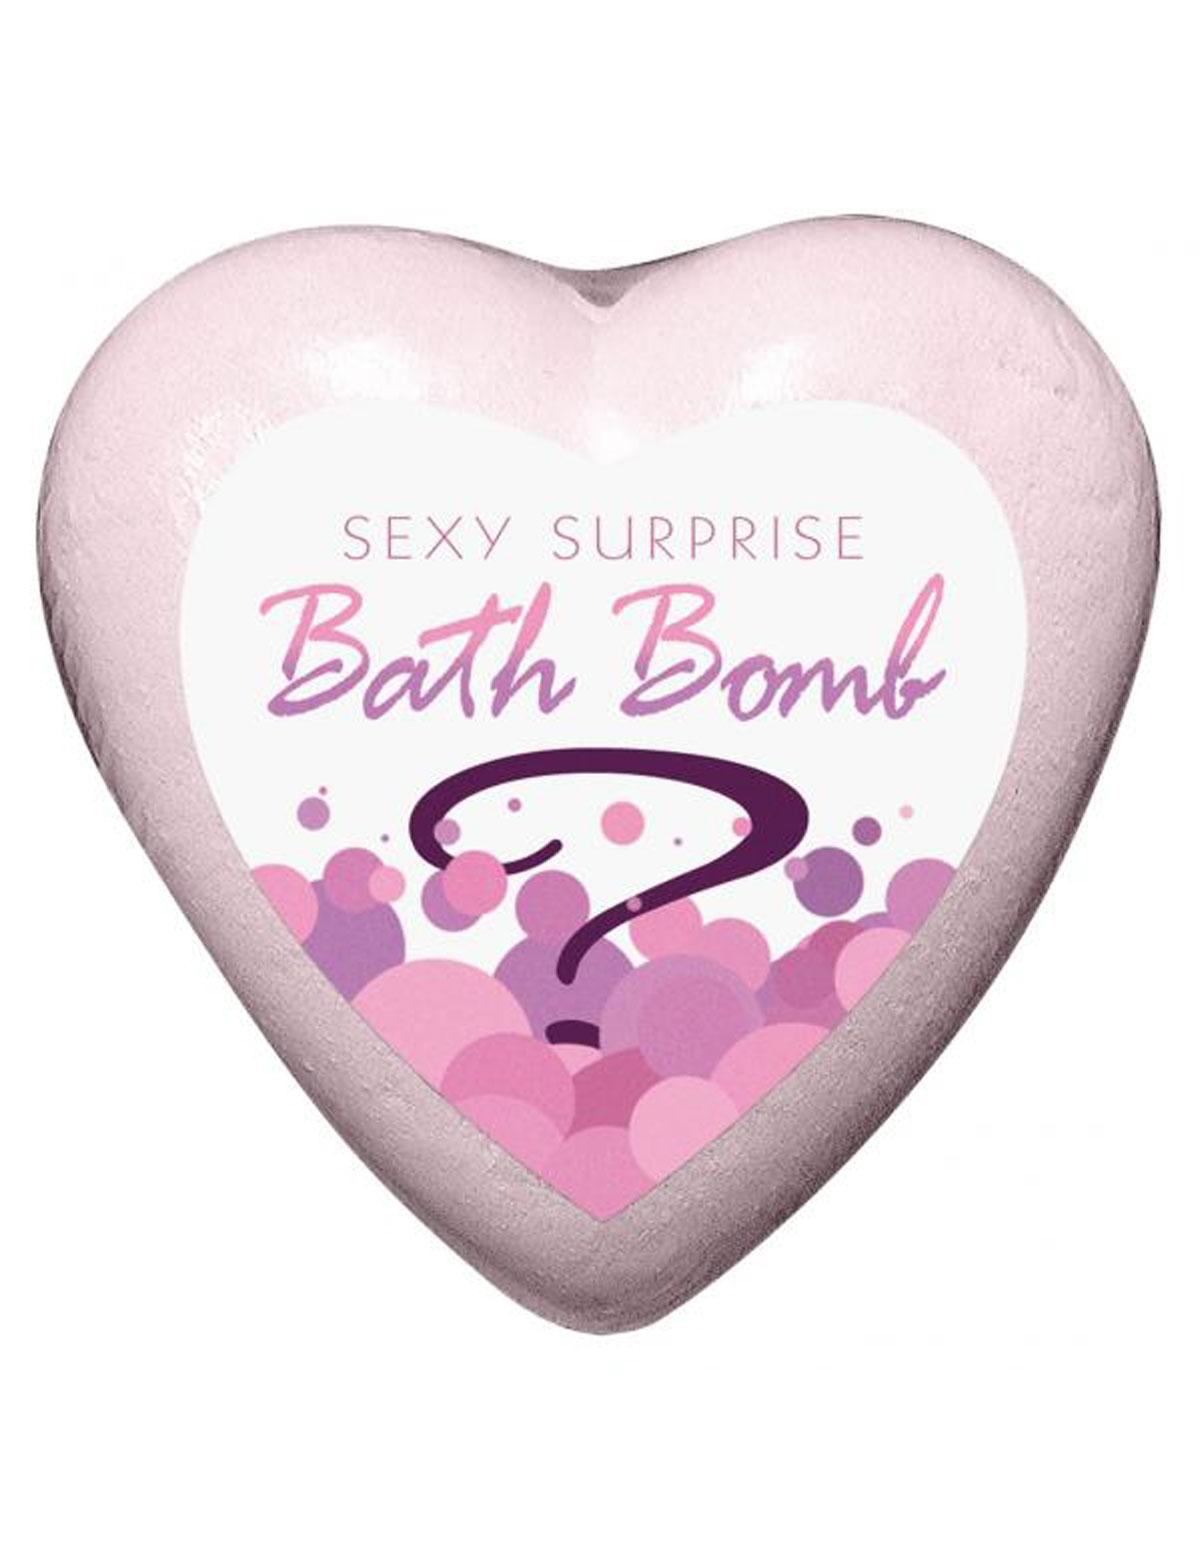 Sexy Surprise Bath Bomb Strawberry Champagne